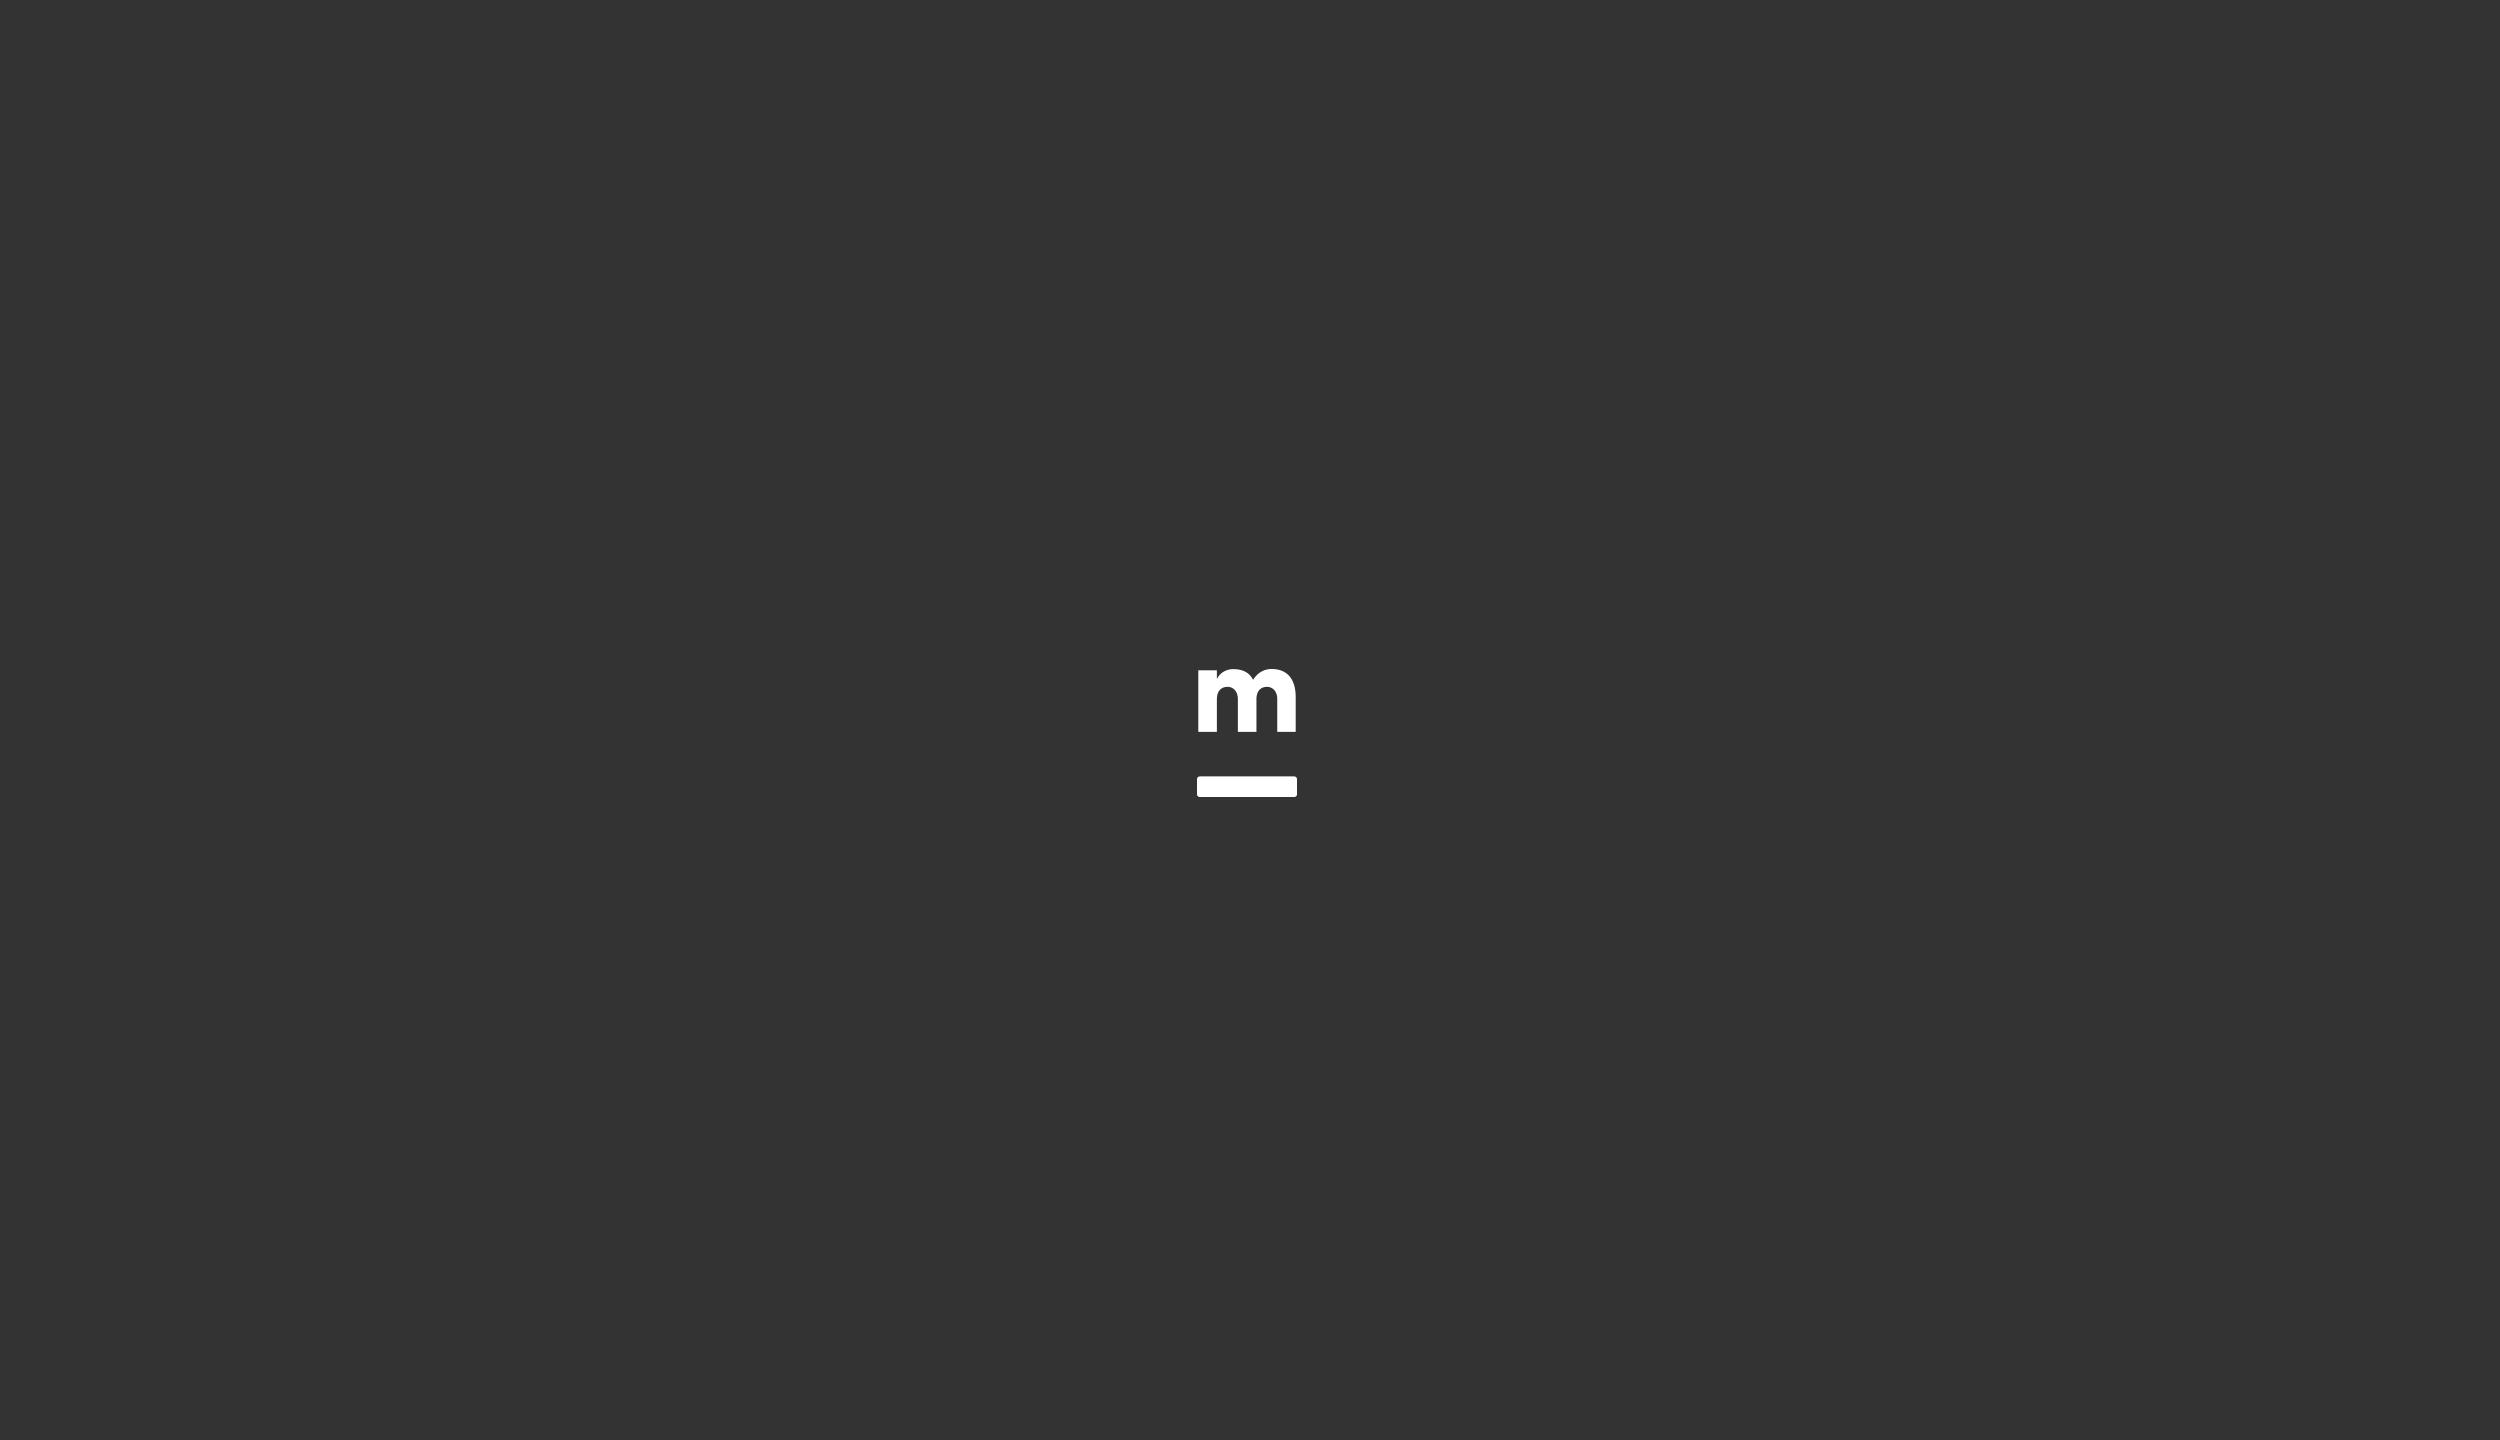 matter-logo-m.png